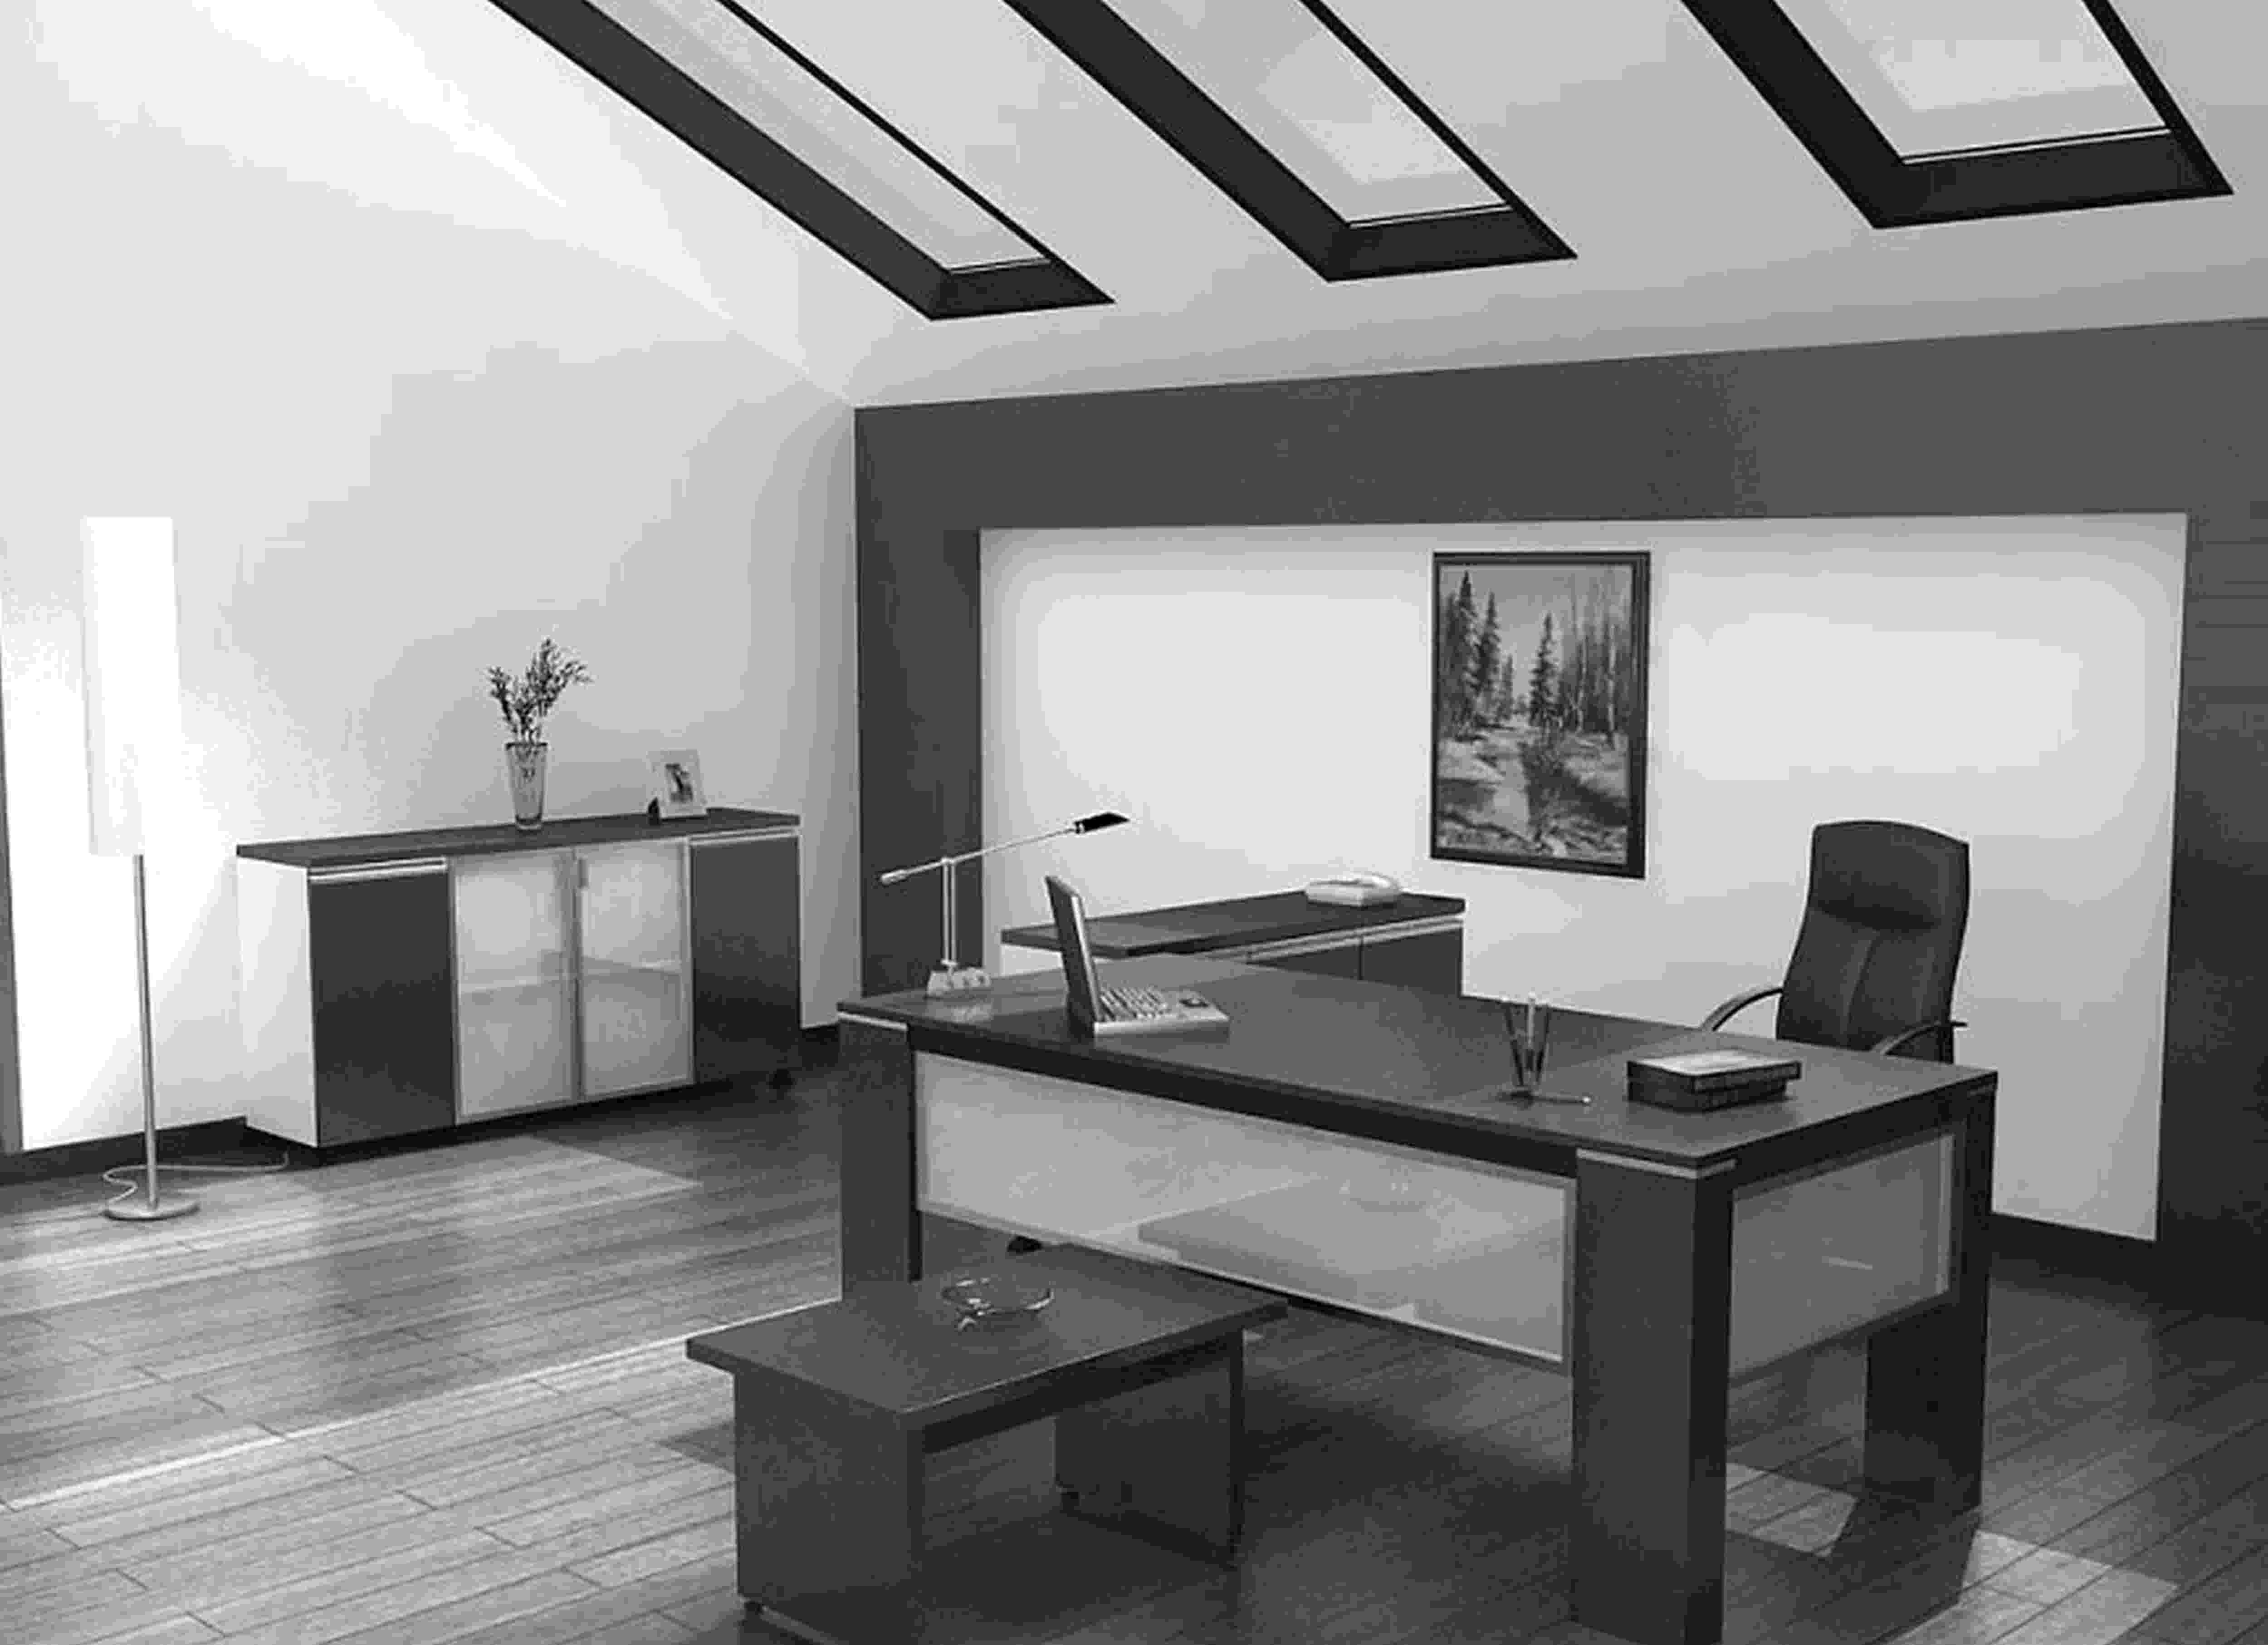 color scheme ideas for home office cool salon design small beauty ideas beauty salon design ideas for office color home scheme